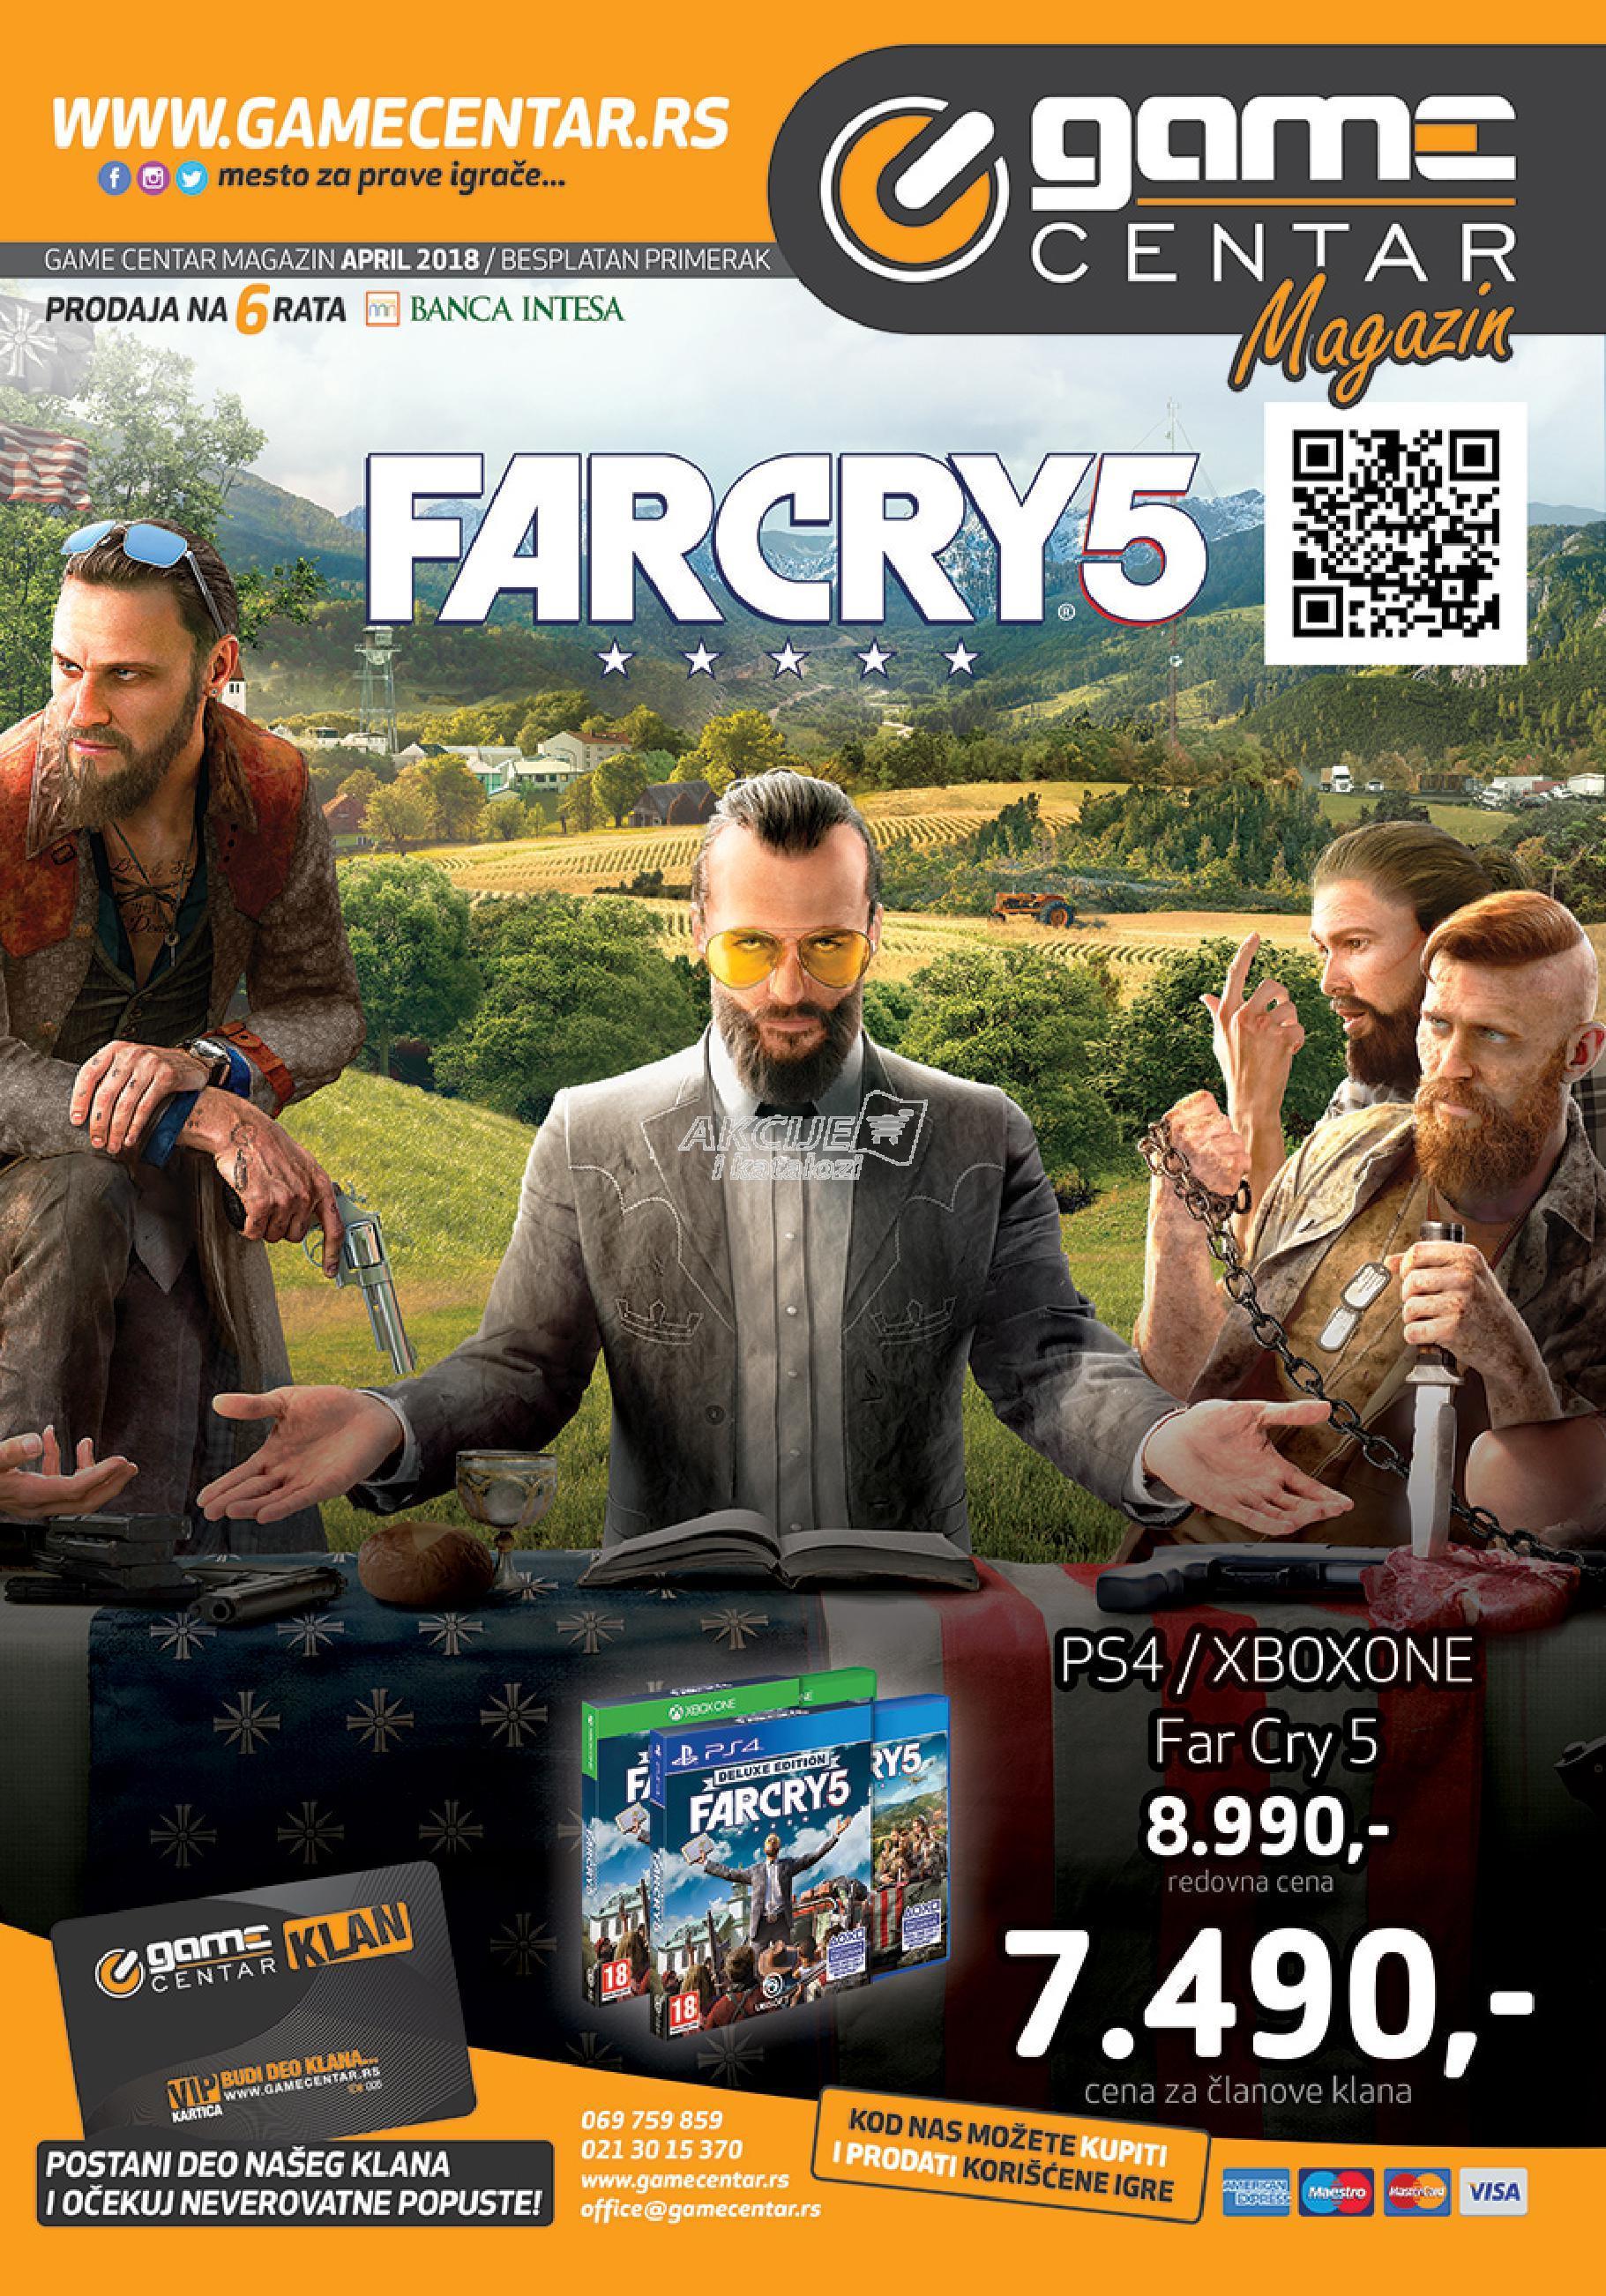 Game Centar akcija odlične kupovine